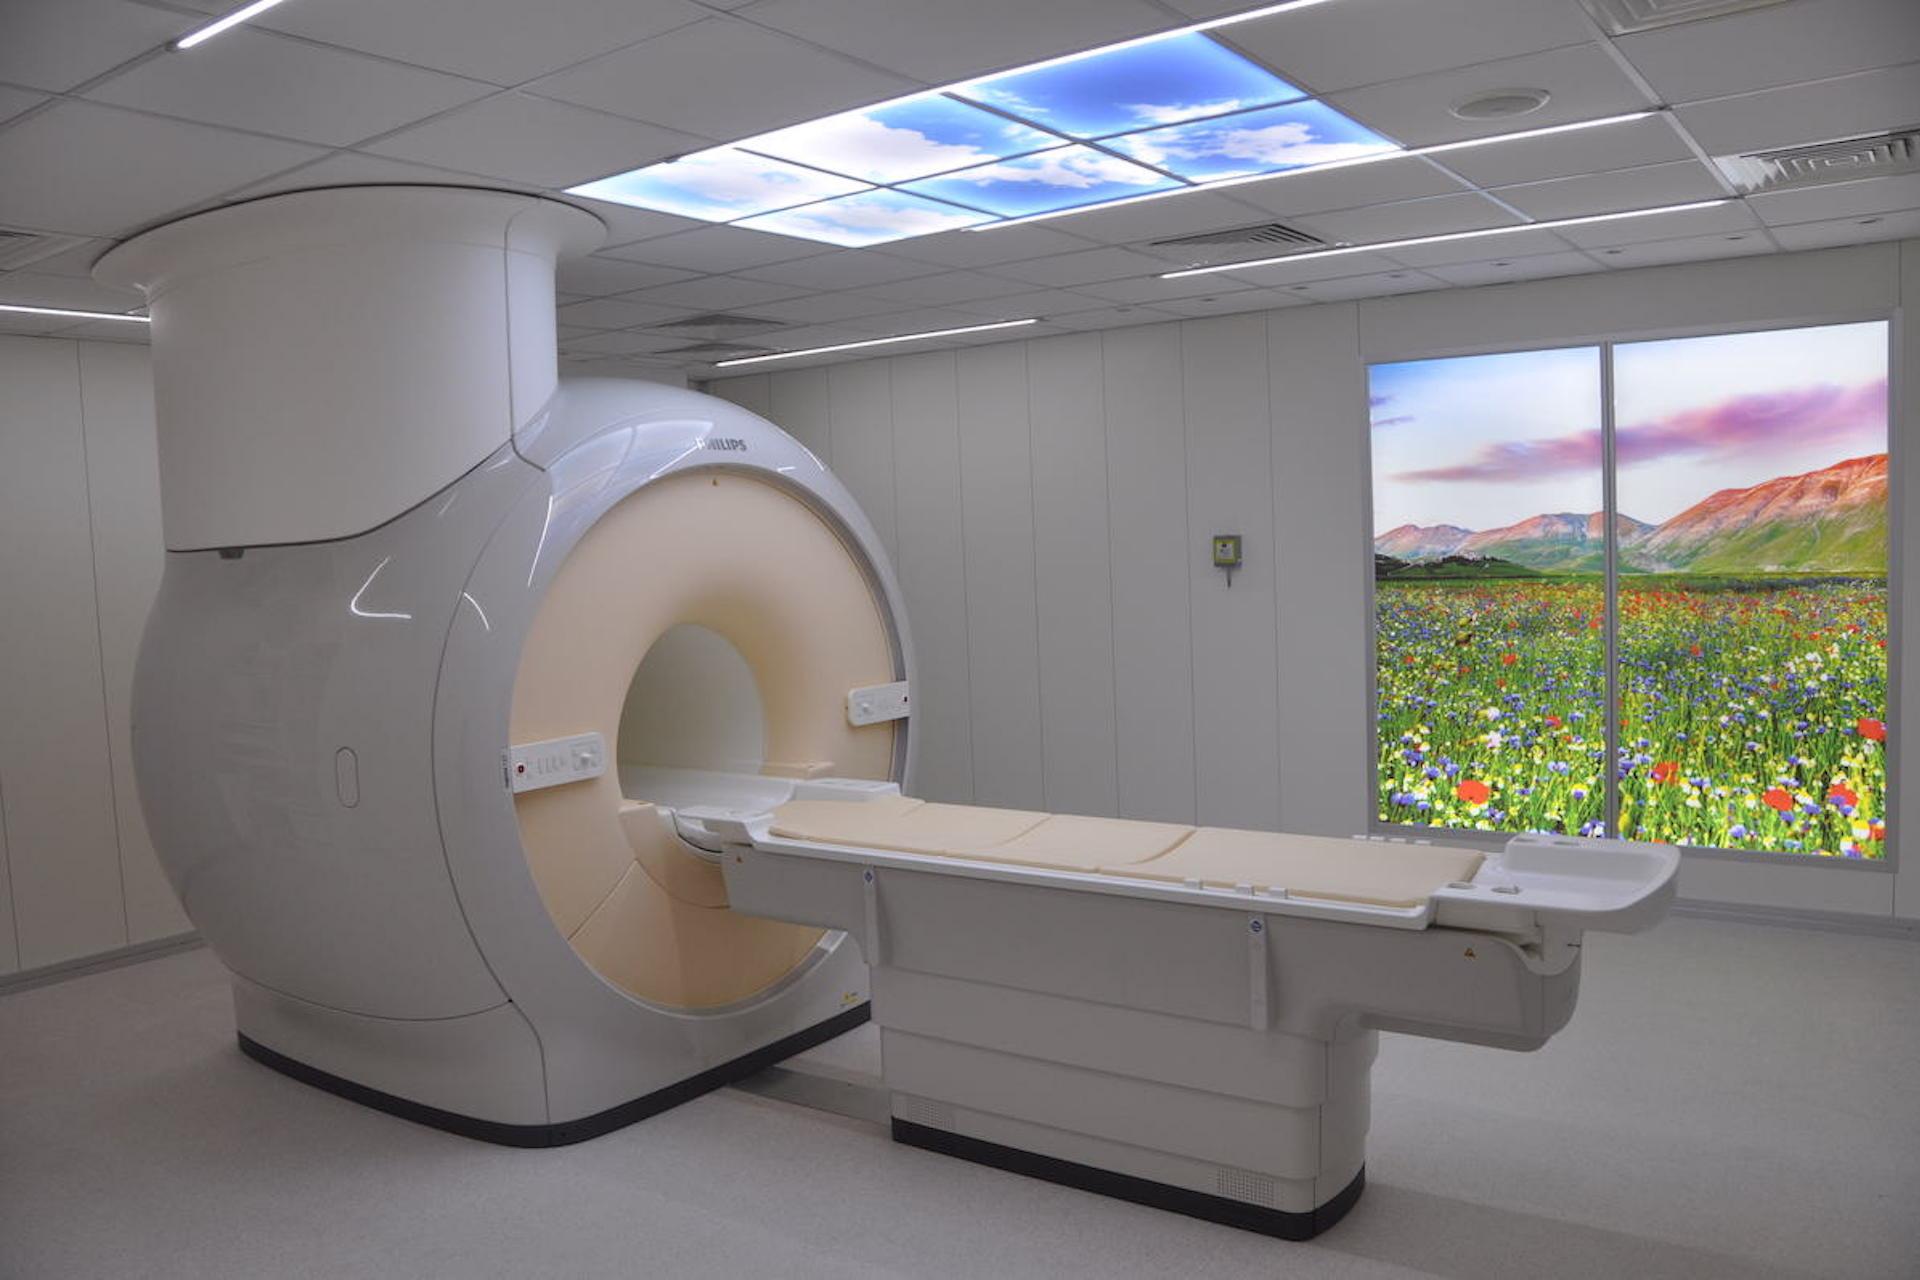 Centro-medico-La-quintana-Risonanza-Magnetica-tradizionale-1.5-Tesla